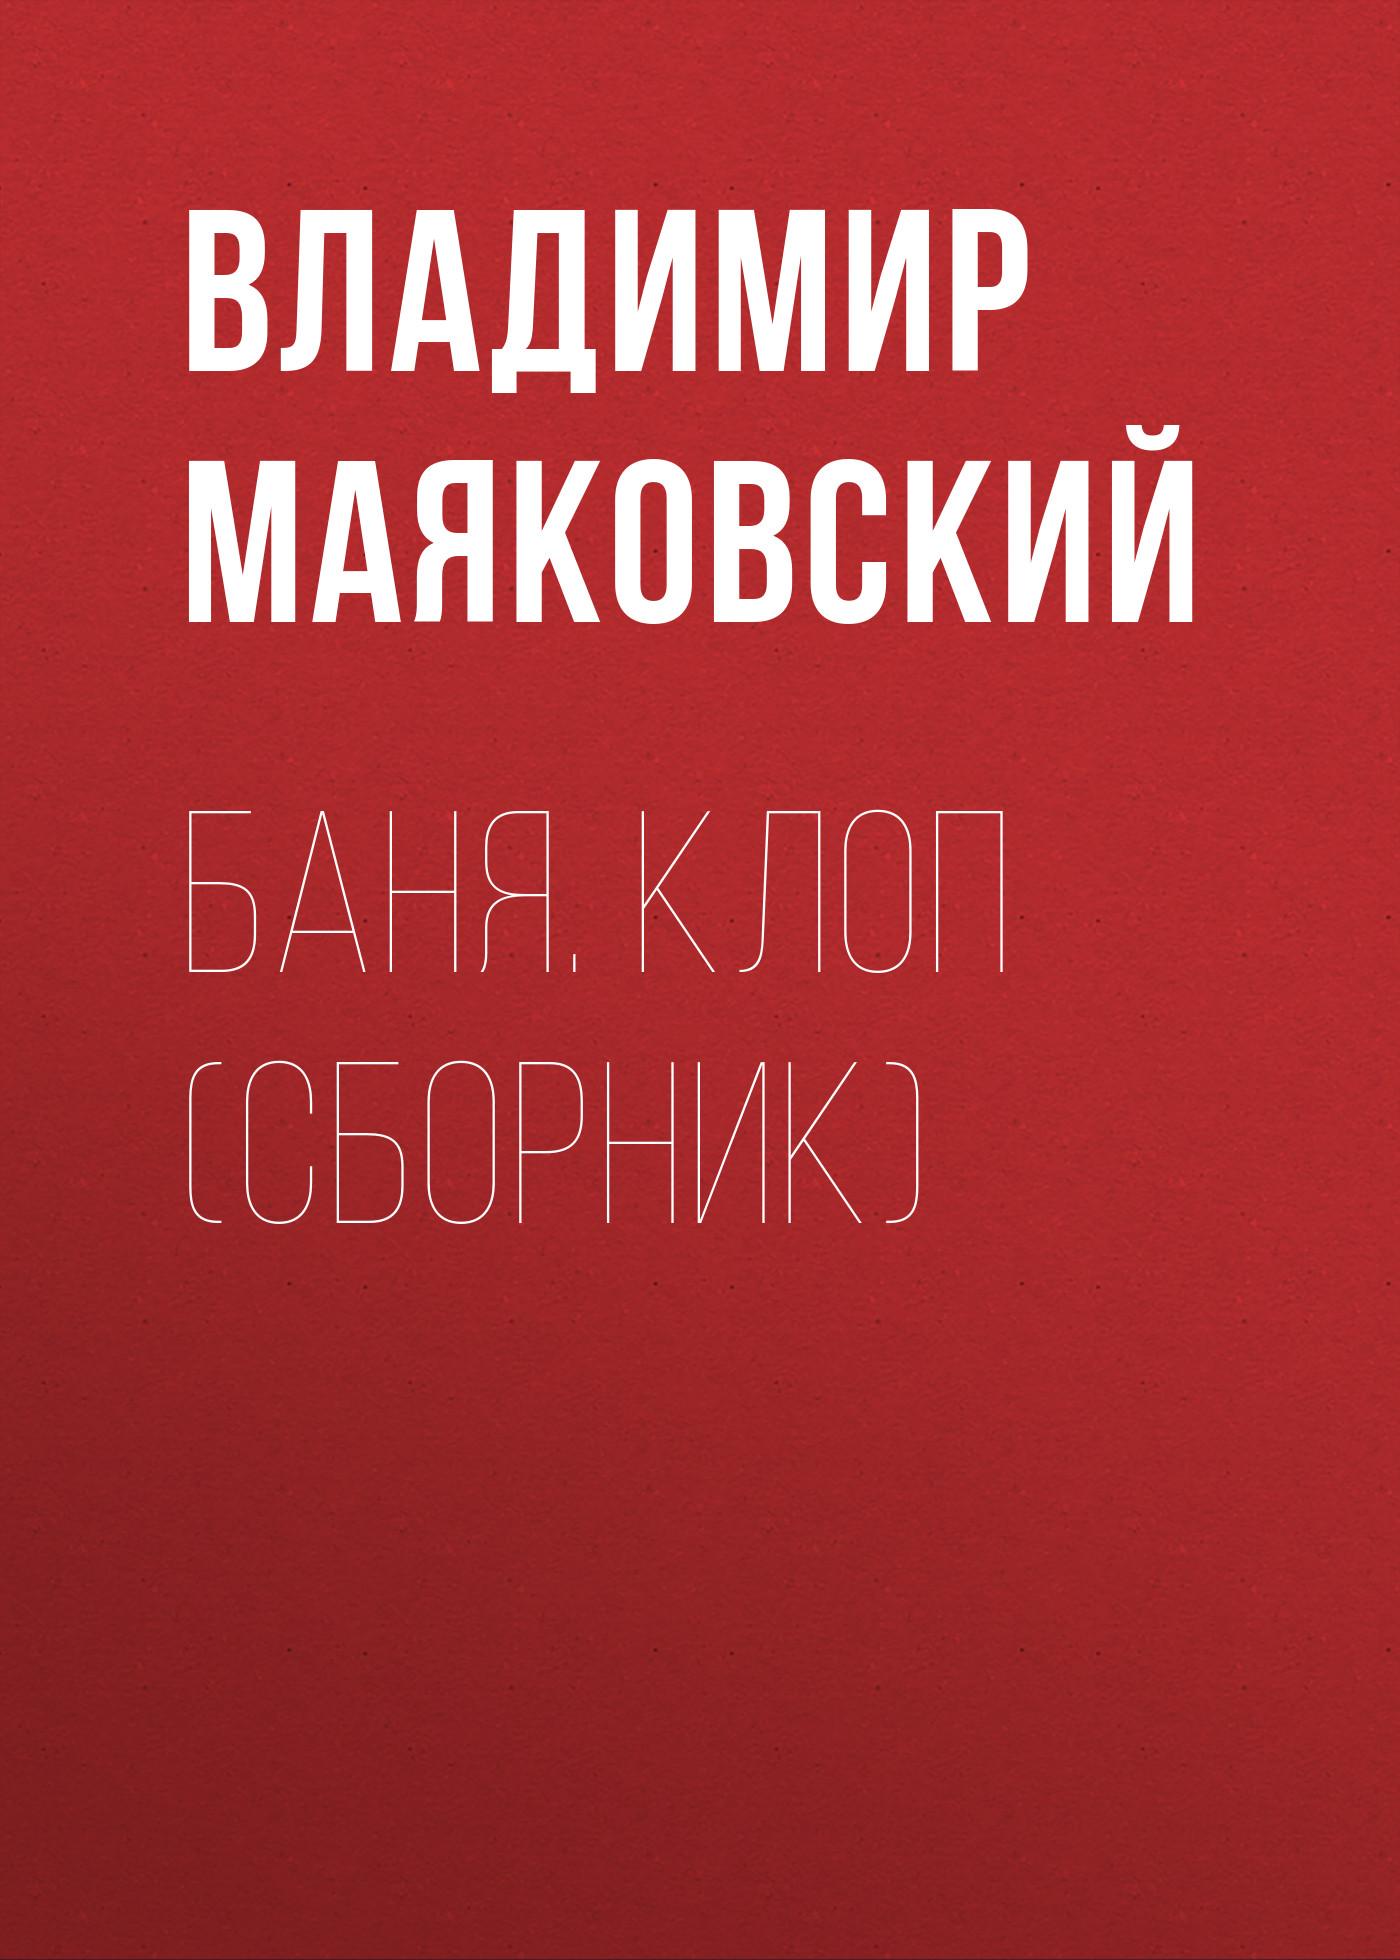 Баня. Клоп маяковский владимир скачать книгу в fb2, epub, mobi.